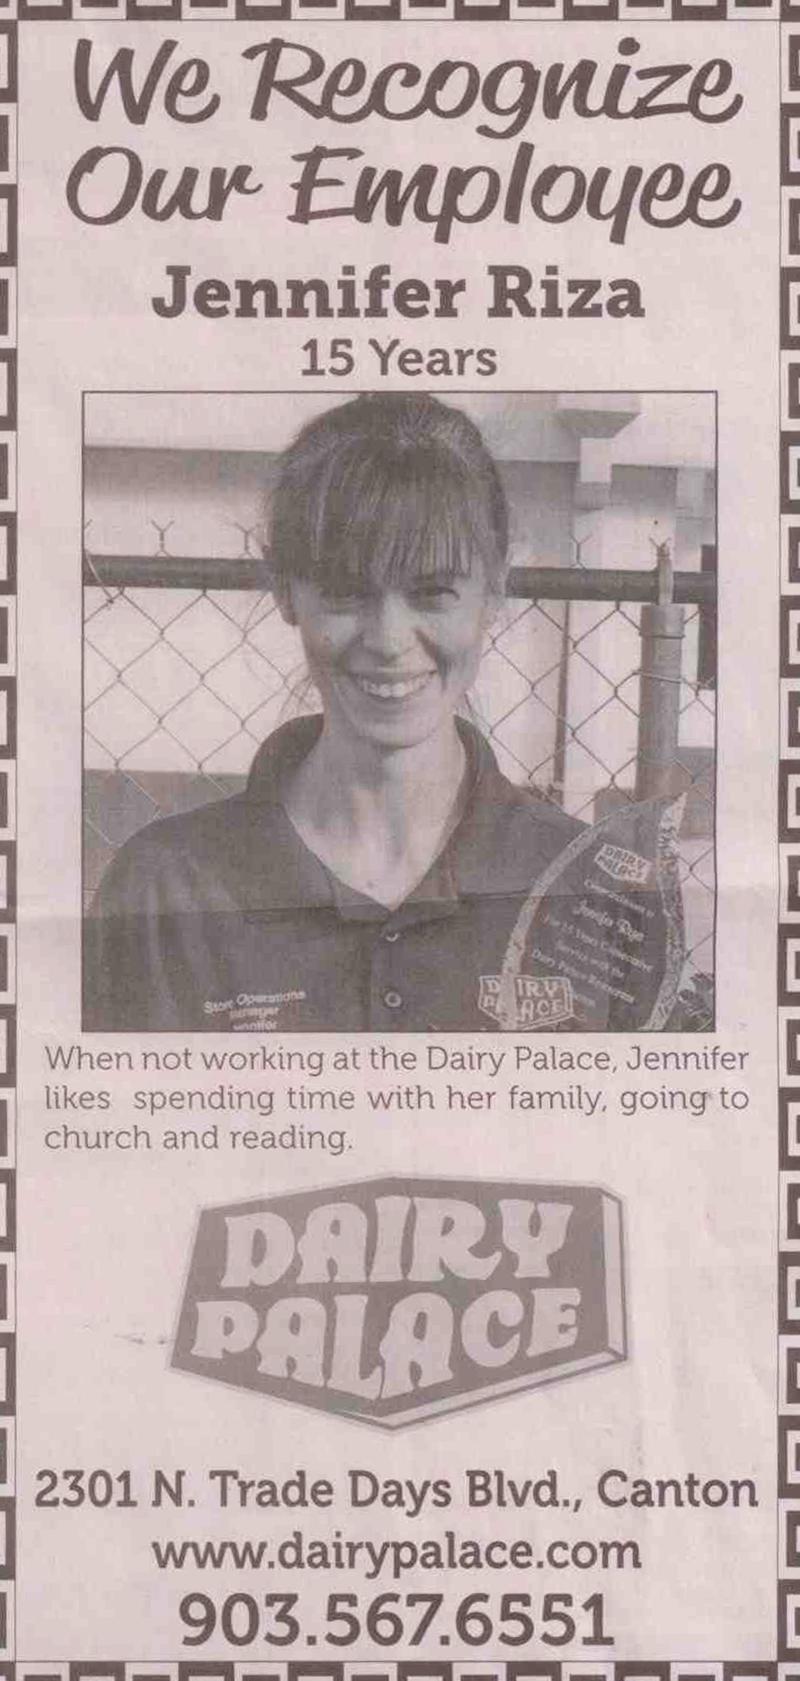 Jennifer-Riza-Canton-TX-Dairy-Palace-15-years